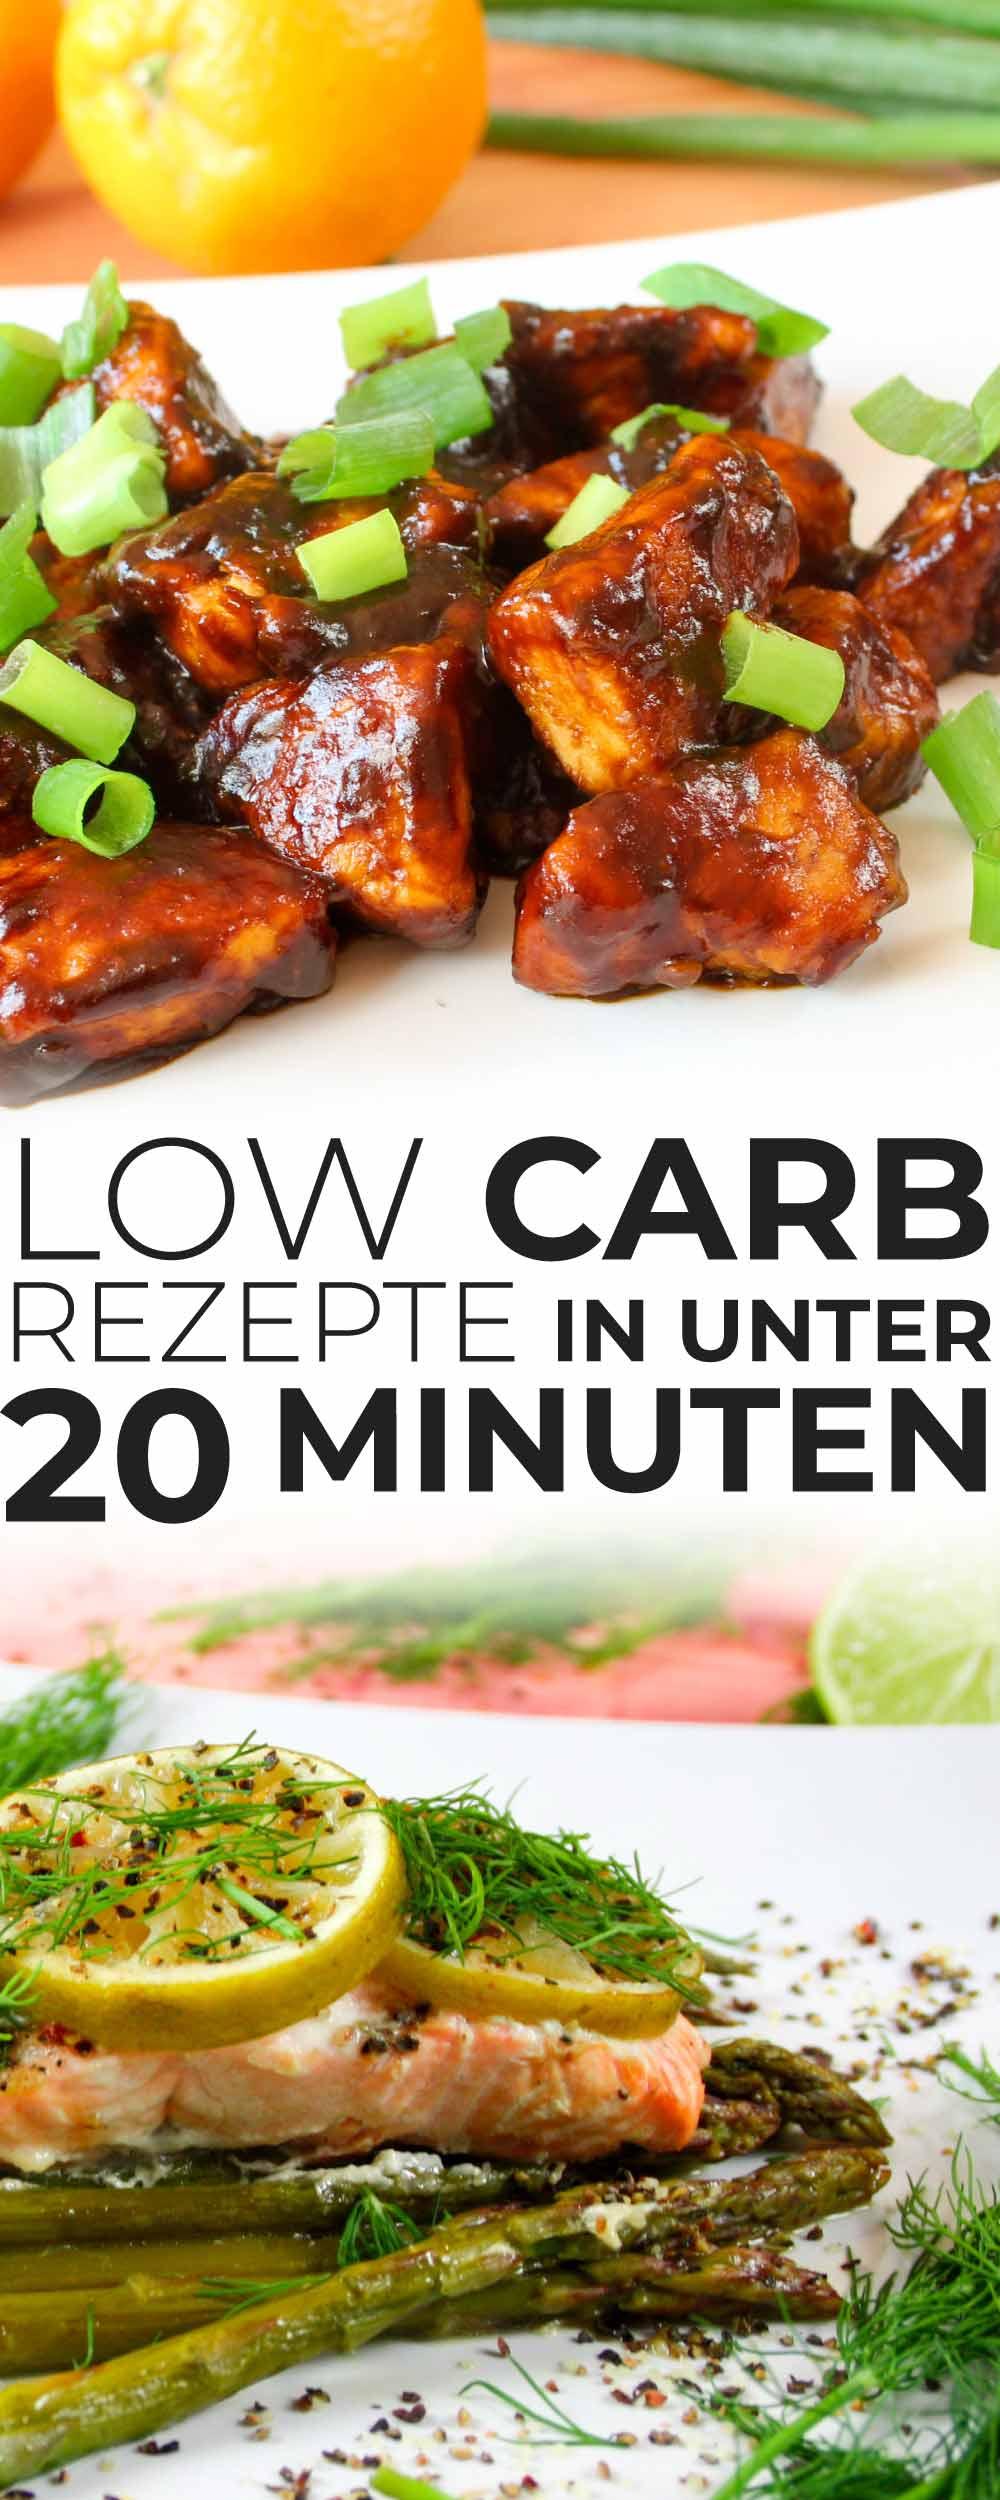 Schnelle Low Carb Rezepte in unter 20 Minuten